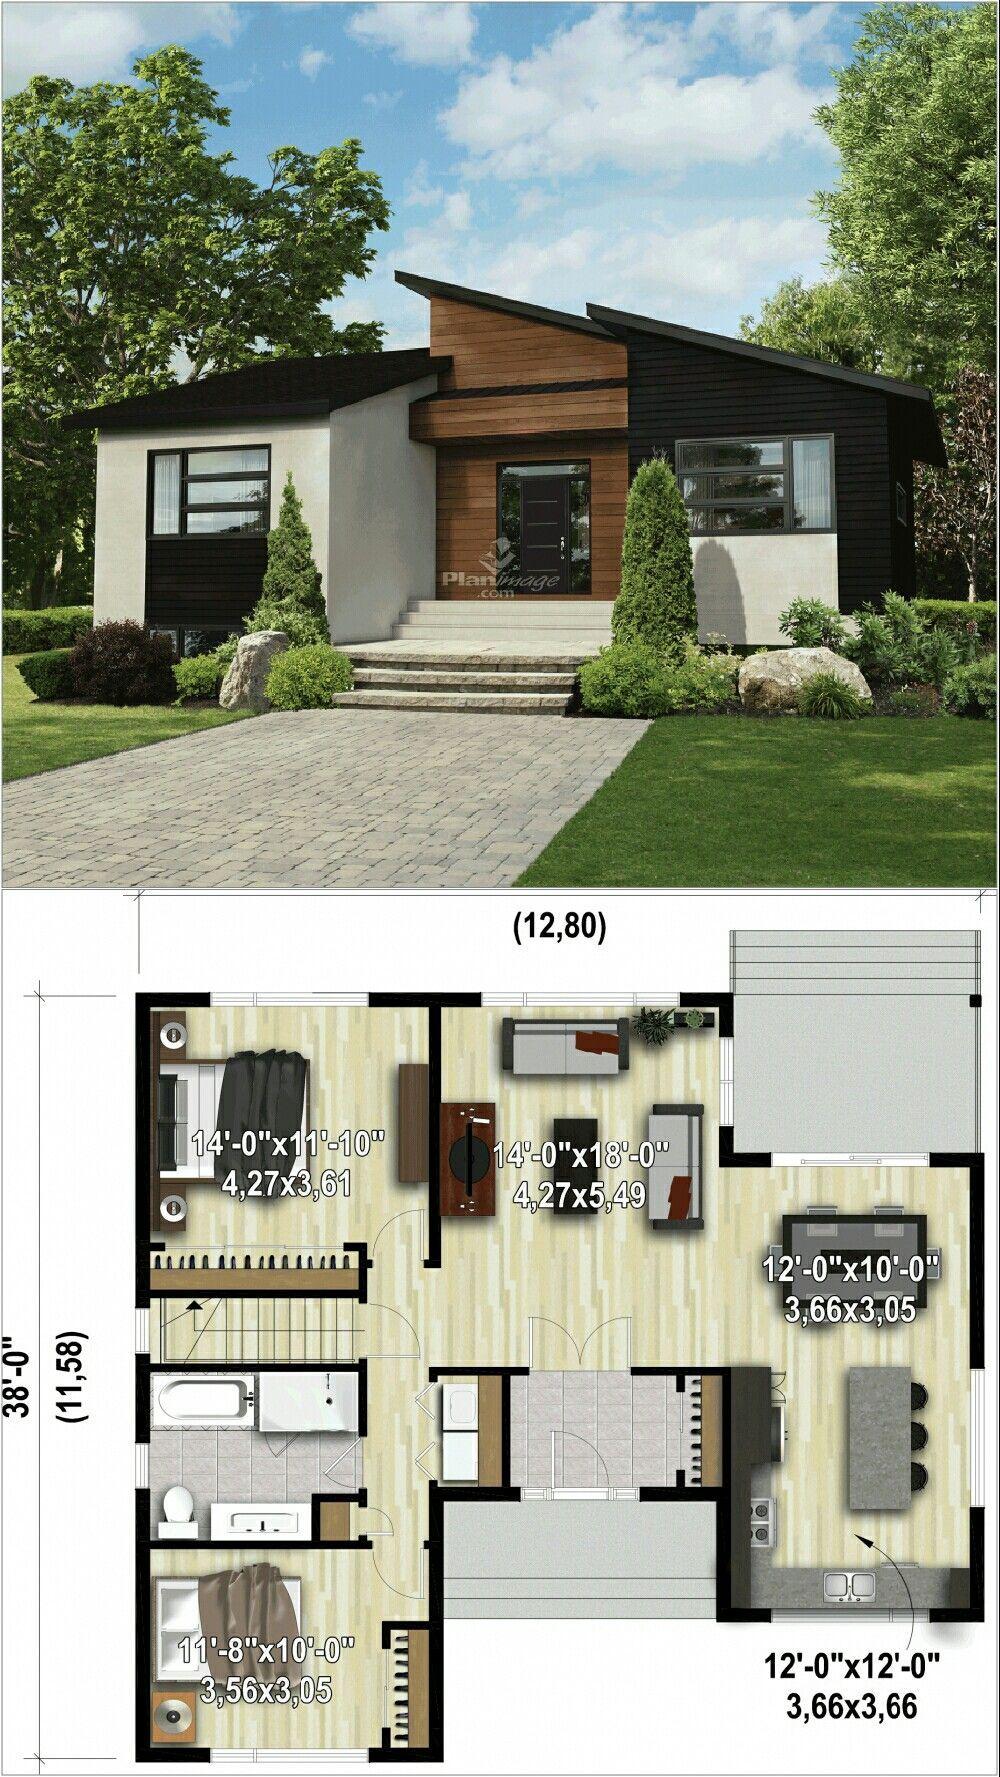 California Houses Wohnung Hausdekoration Schlafzimmer Dekoration Einrichten Wohnideen Hausdeko Bungalow House Design Sims House Plans House Plan Gallery